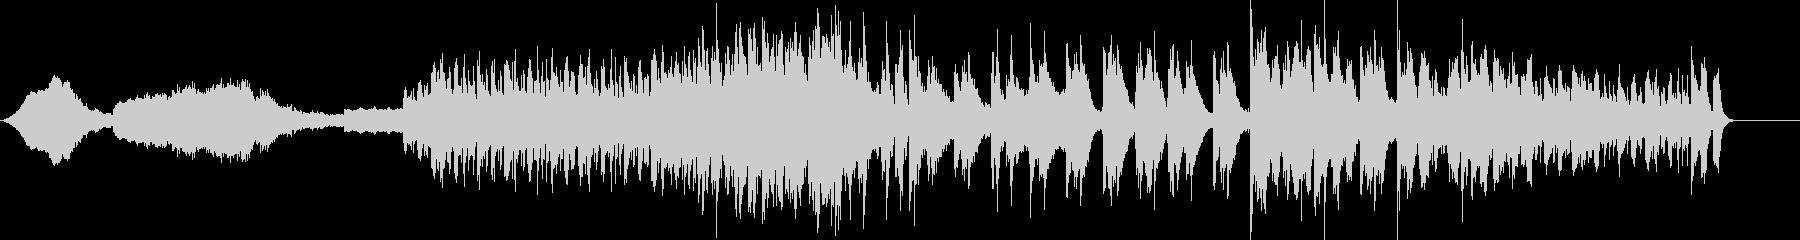 シリアスな映像音楽の未再生の波形